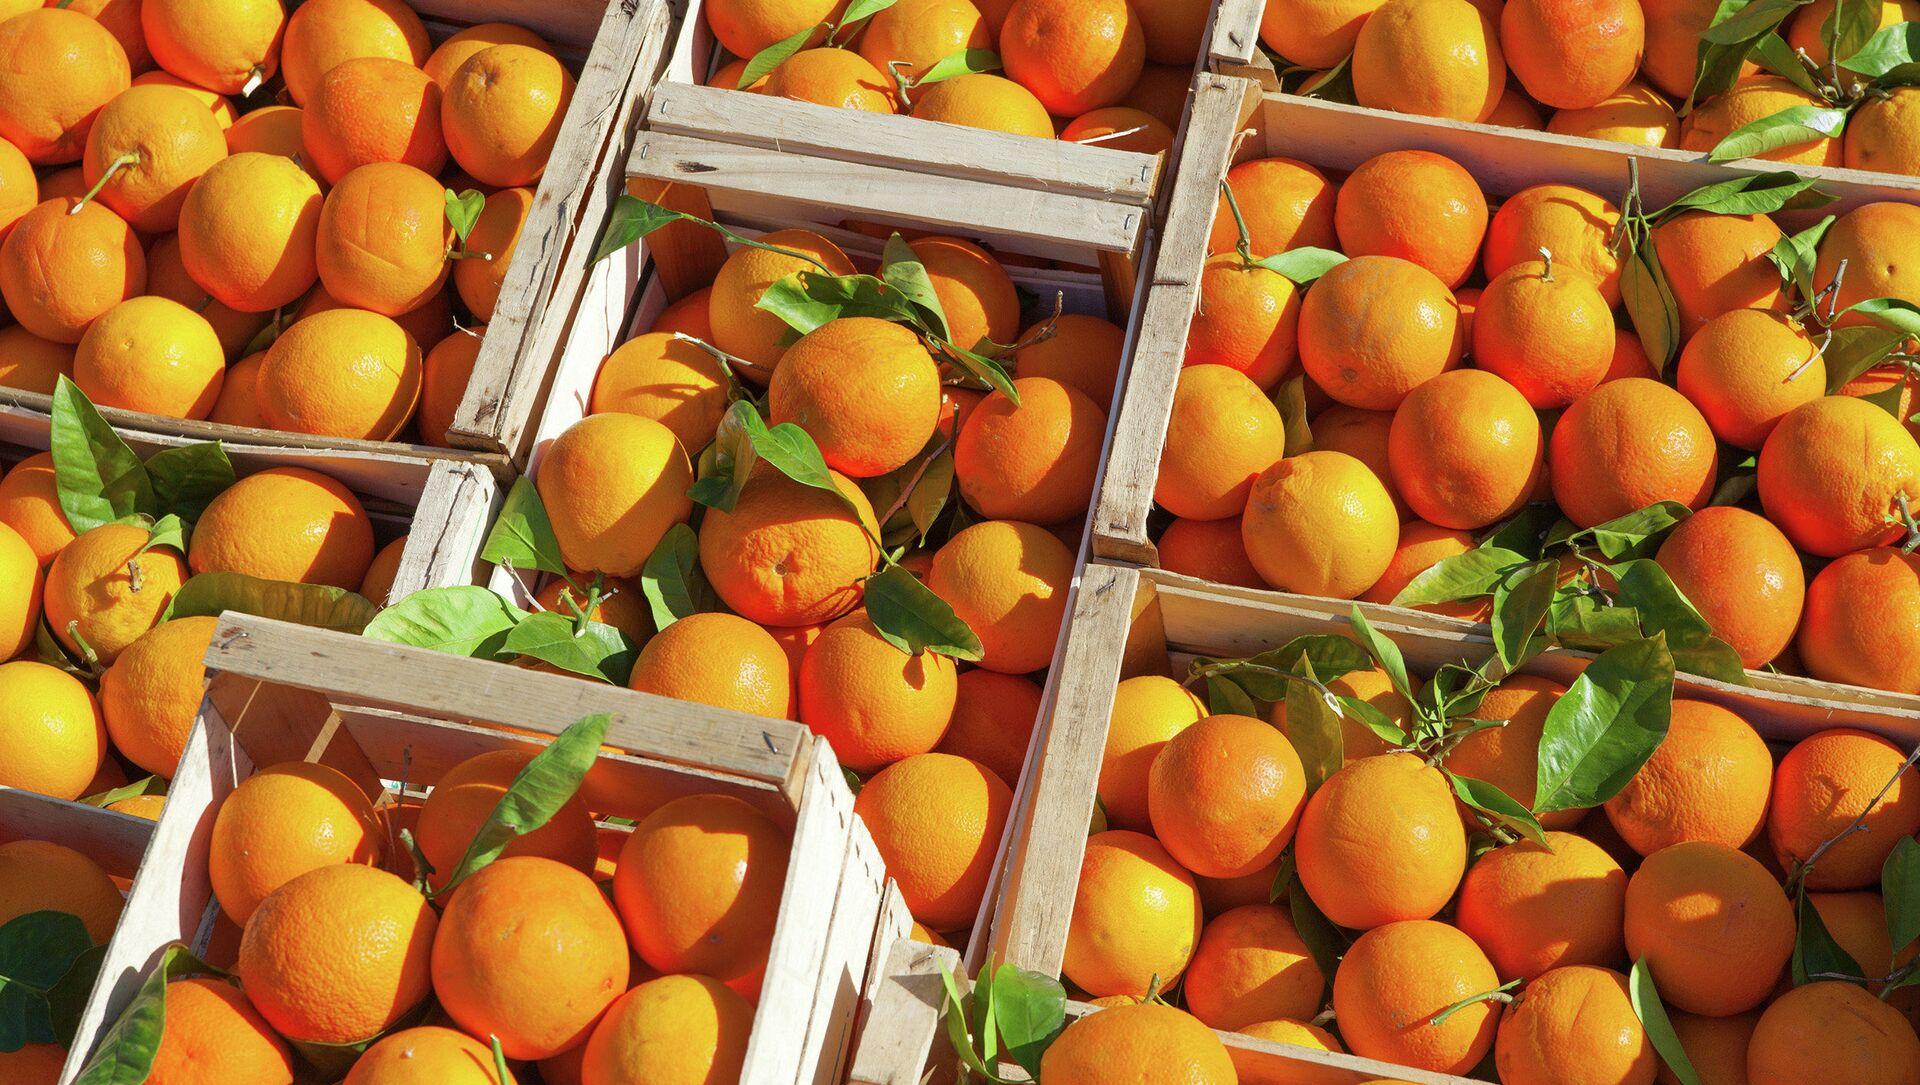 オレンジ - Sputnik 日本, 1920, 06.04.2021